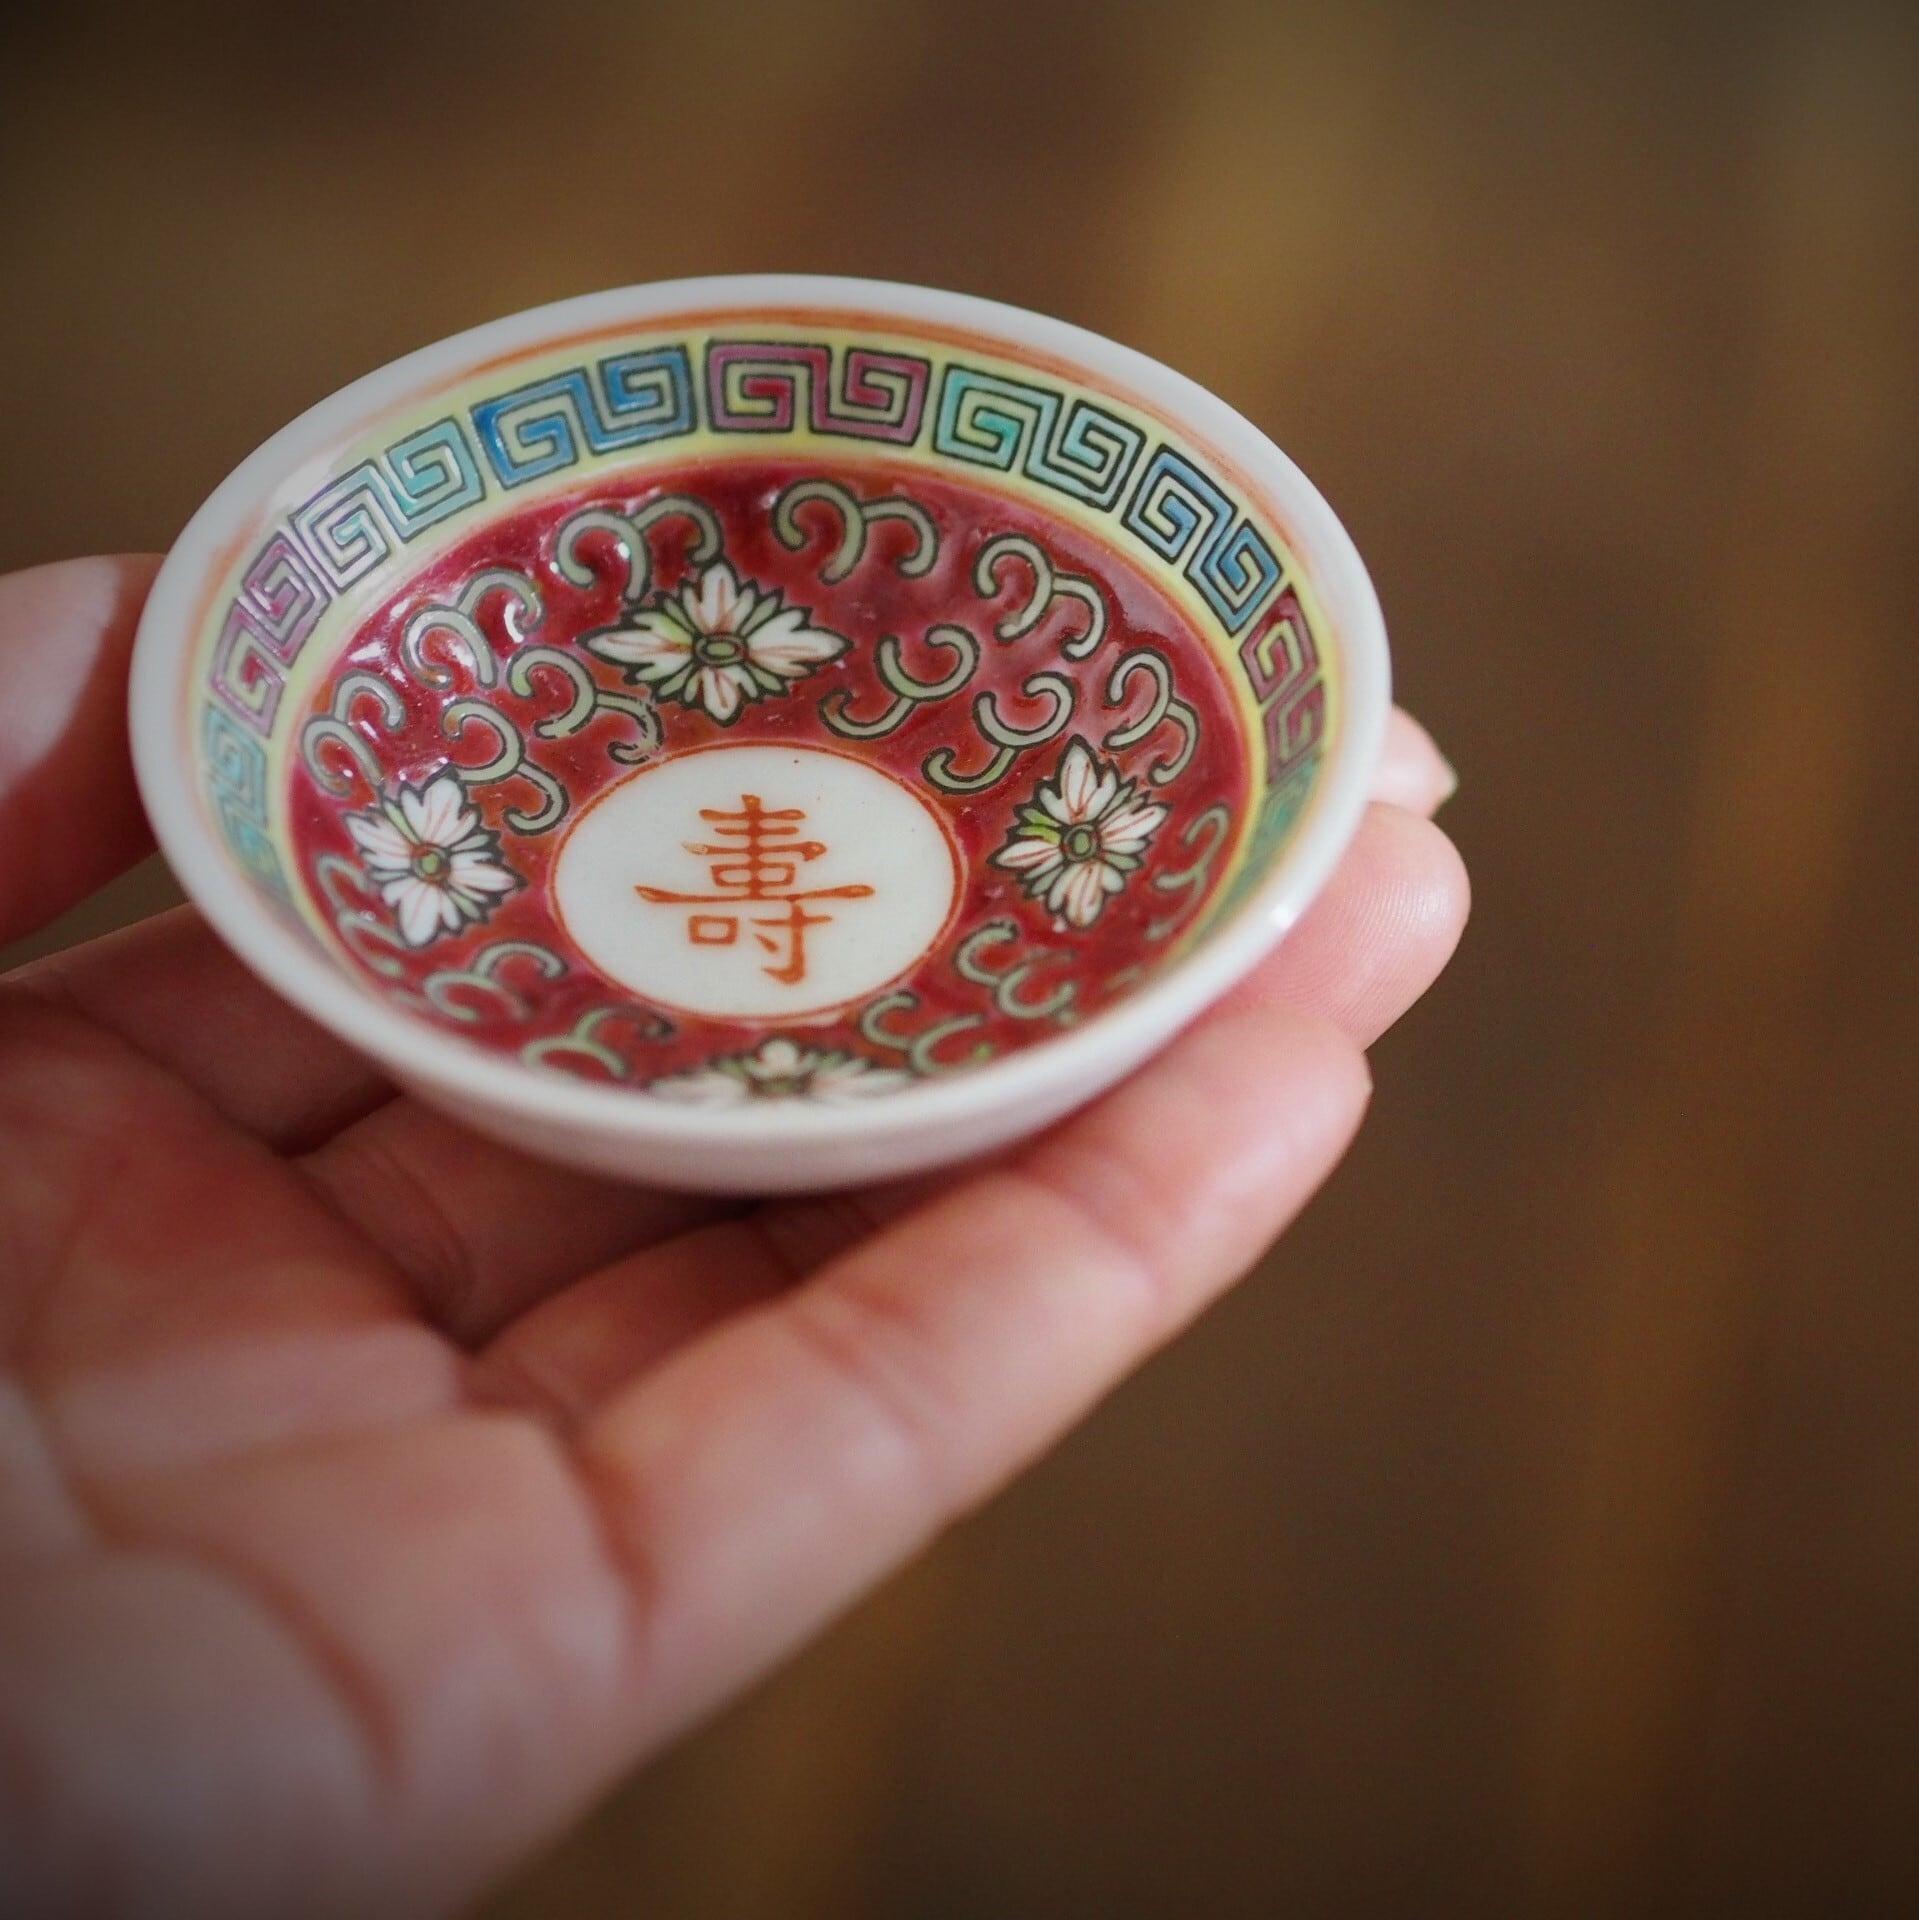 『朱赤の豆皿7センチ―万寿無疆―』景徳鎮